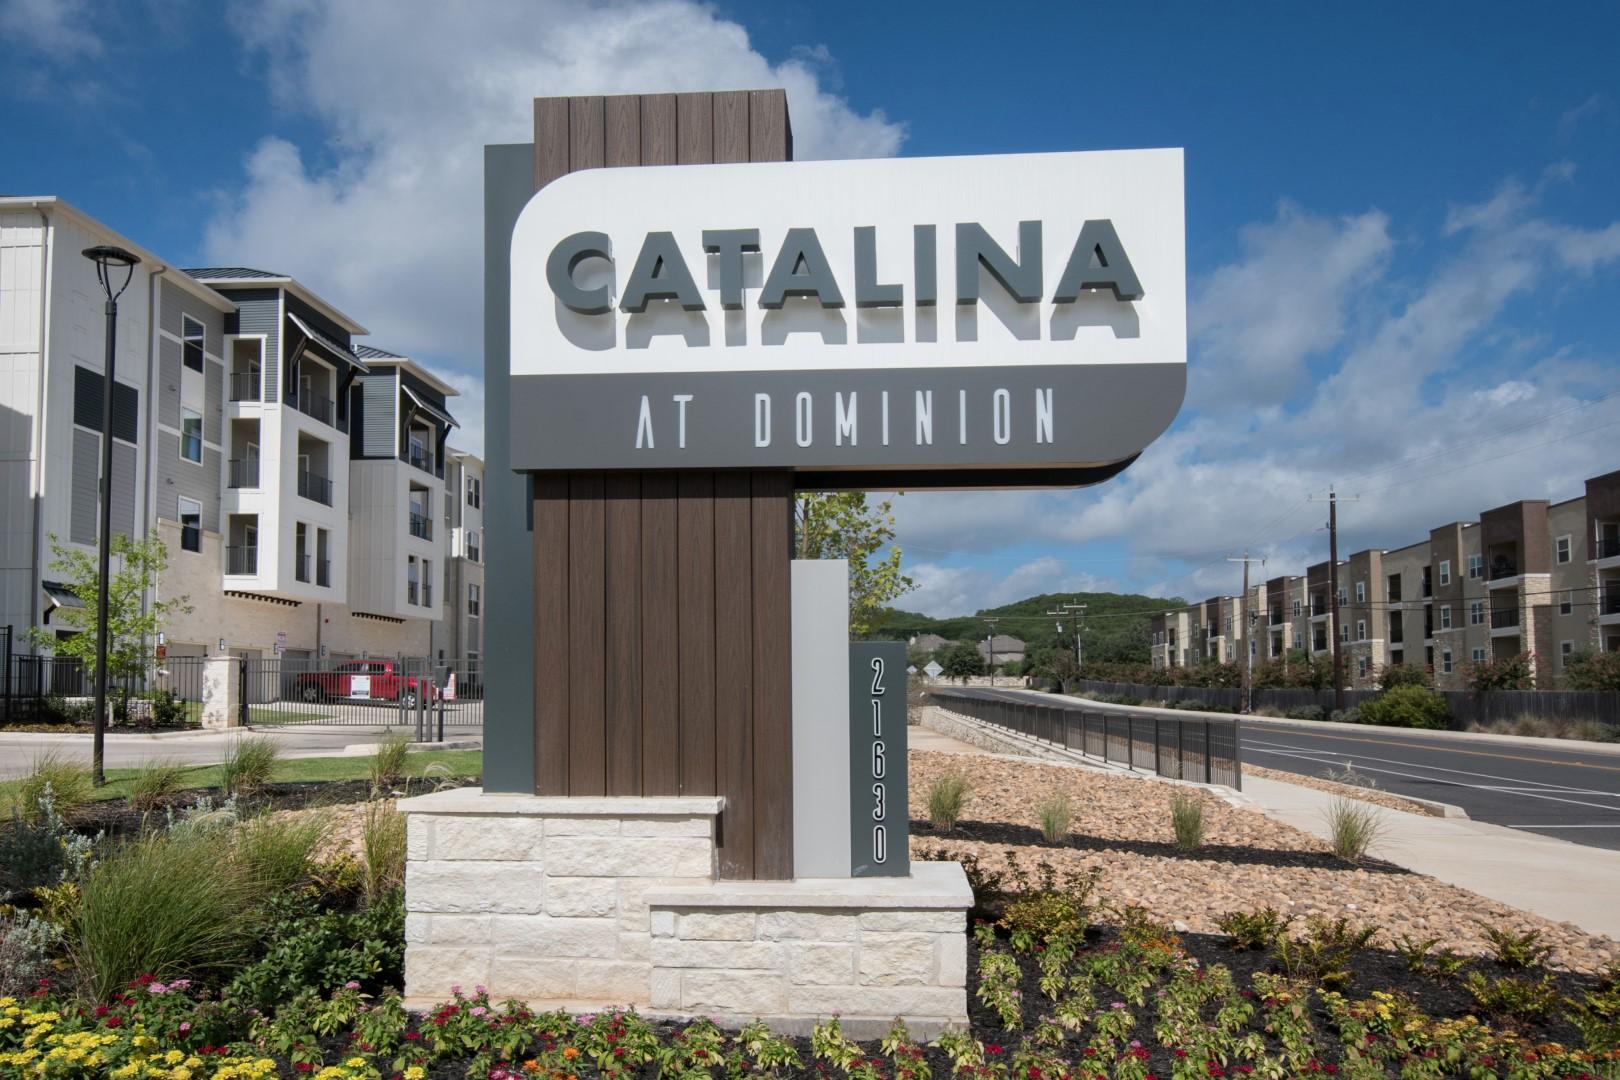 Live at Catalina at Dominion